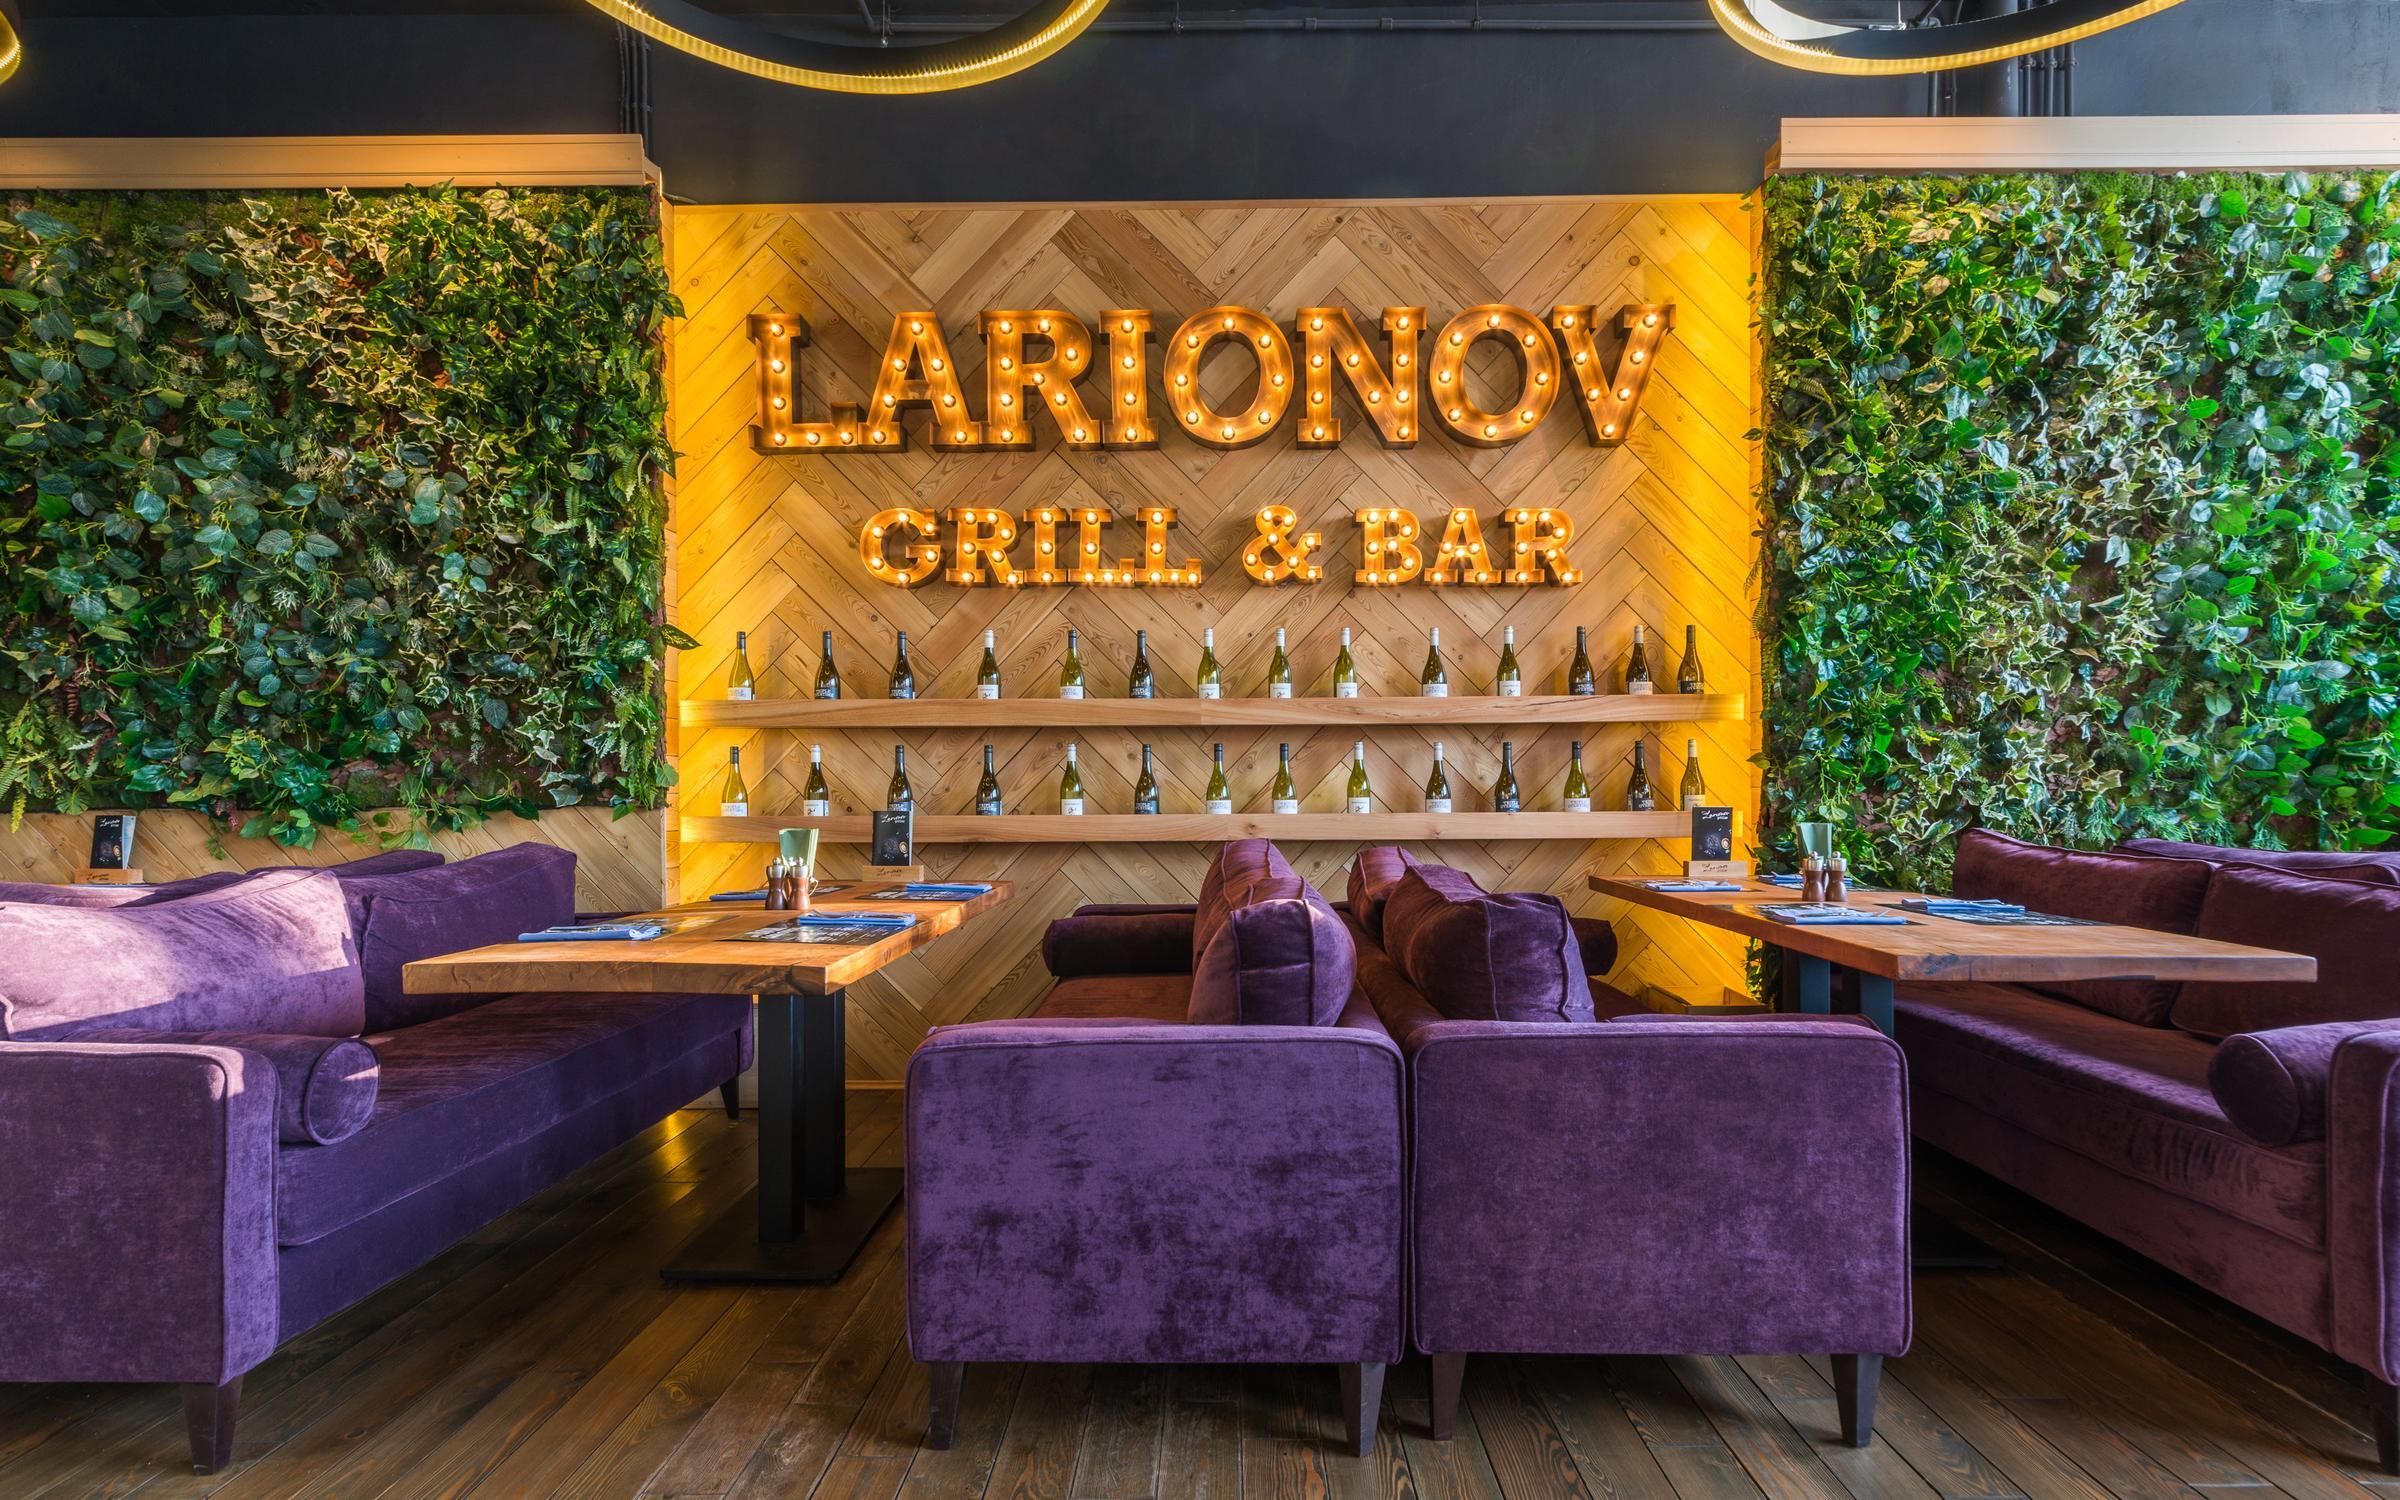 фотография Larionov Grill&Bar на Профсоюзной улице